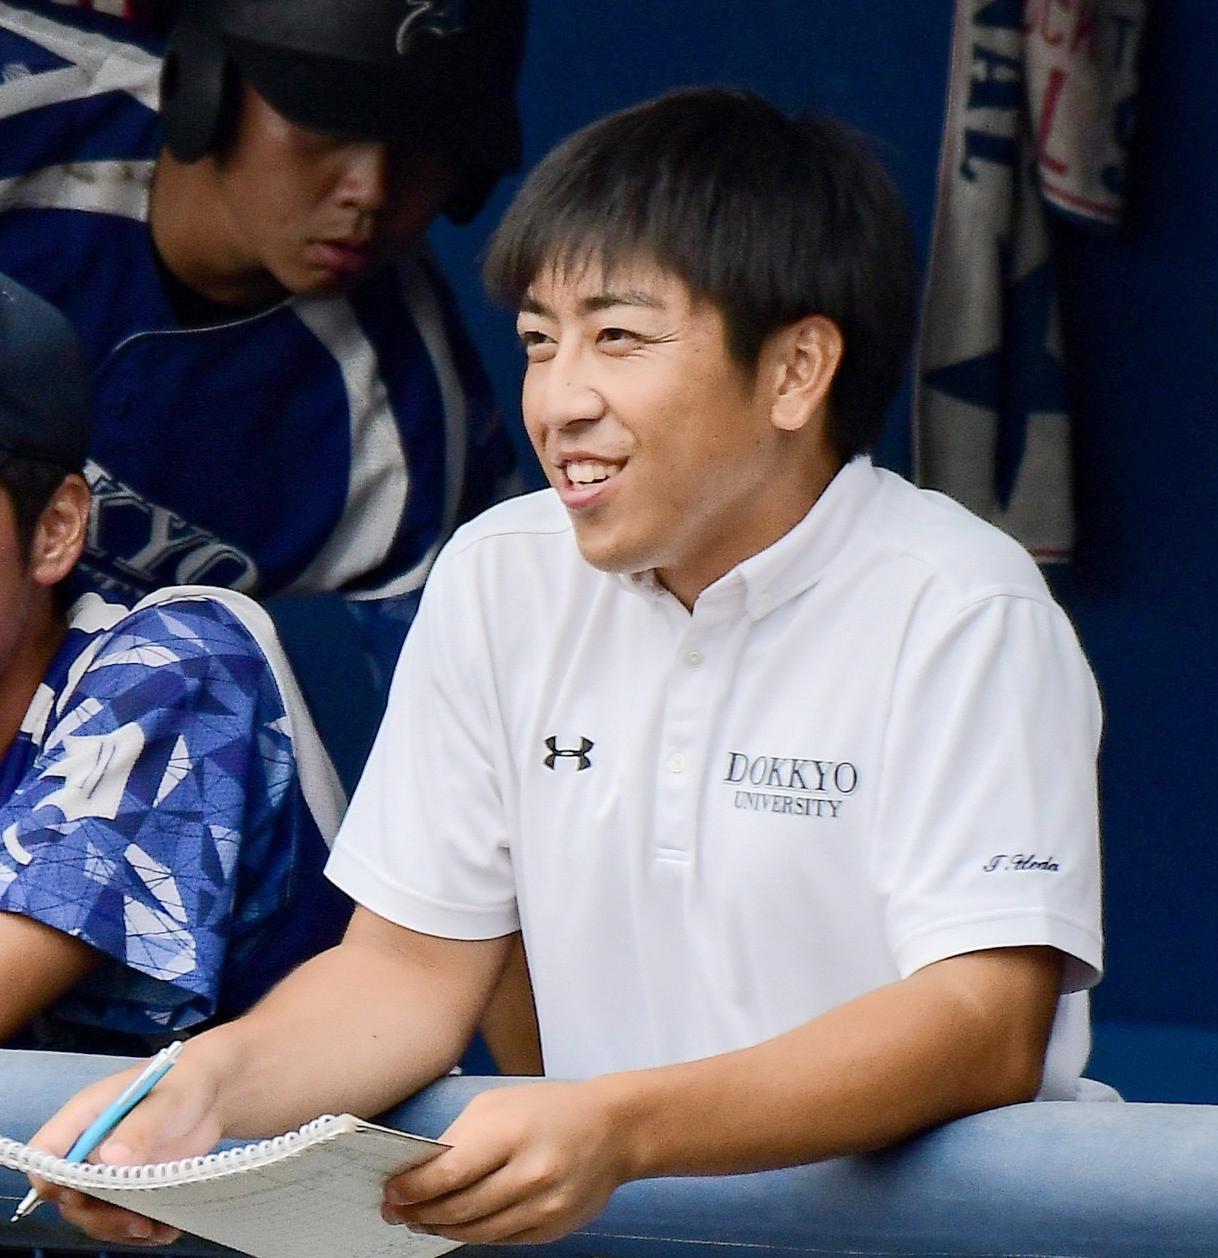 獨協初のプロ野球選手誕生の立役者!上田樹さん